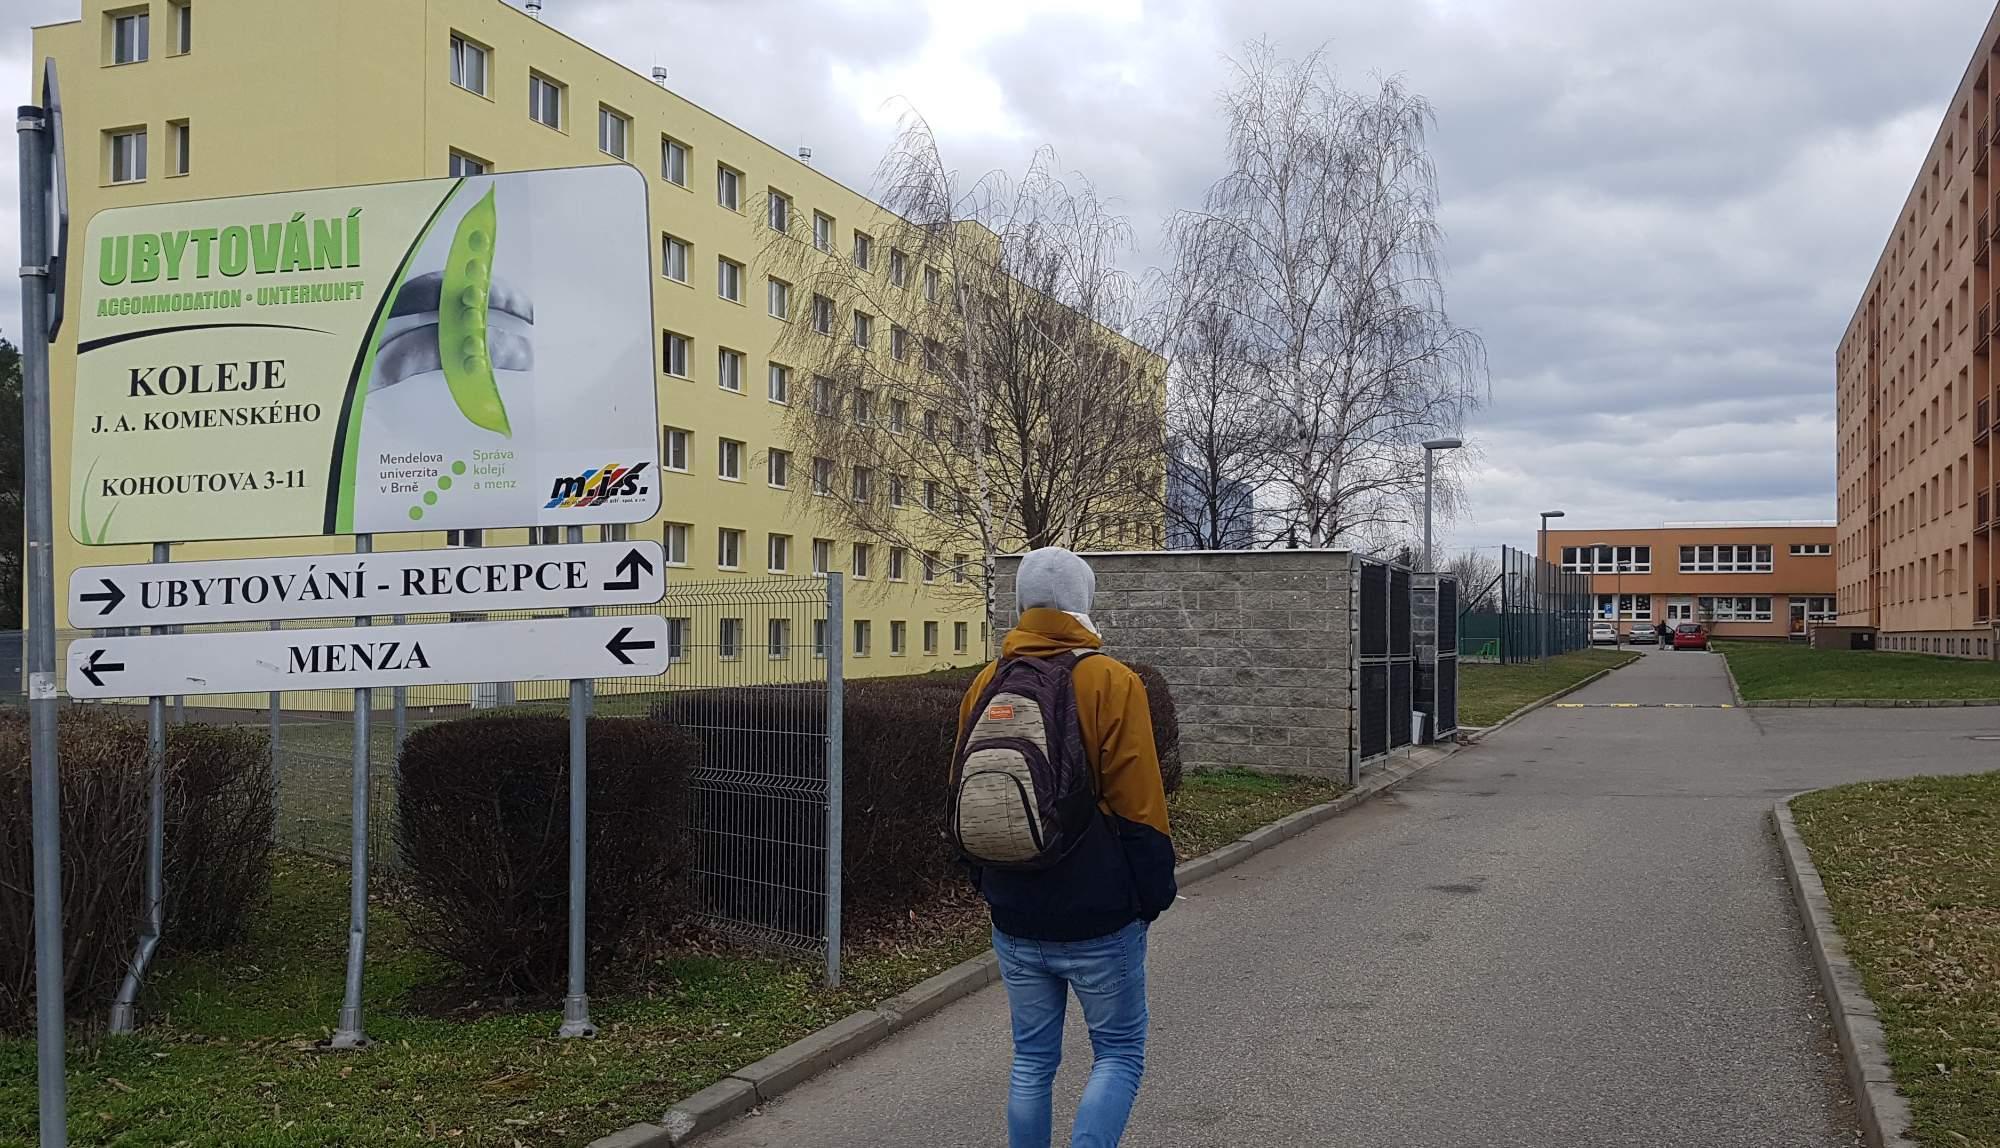 Koleje Mendelovy univerzity na Kohoutové se kompletně rekonstruovaly v roce 2015. Foto: Anežka Horová.